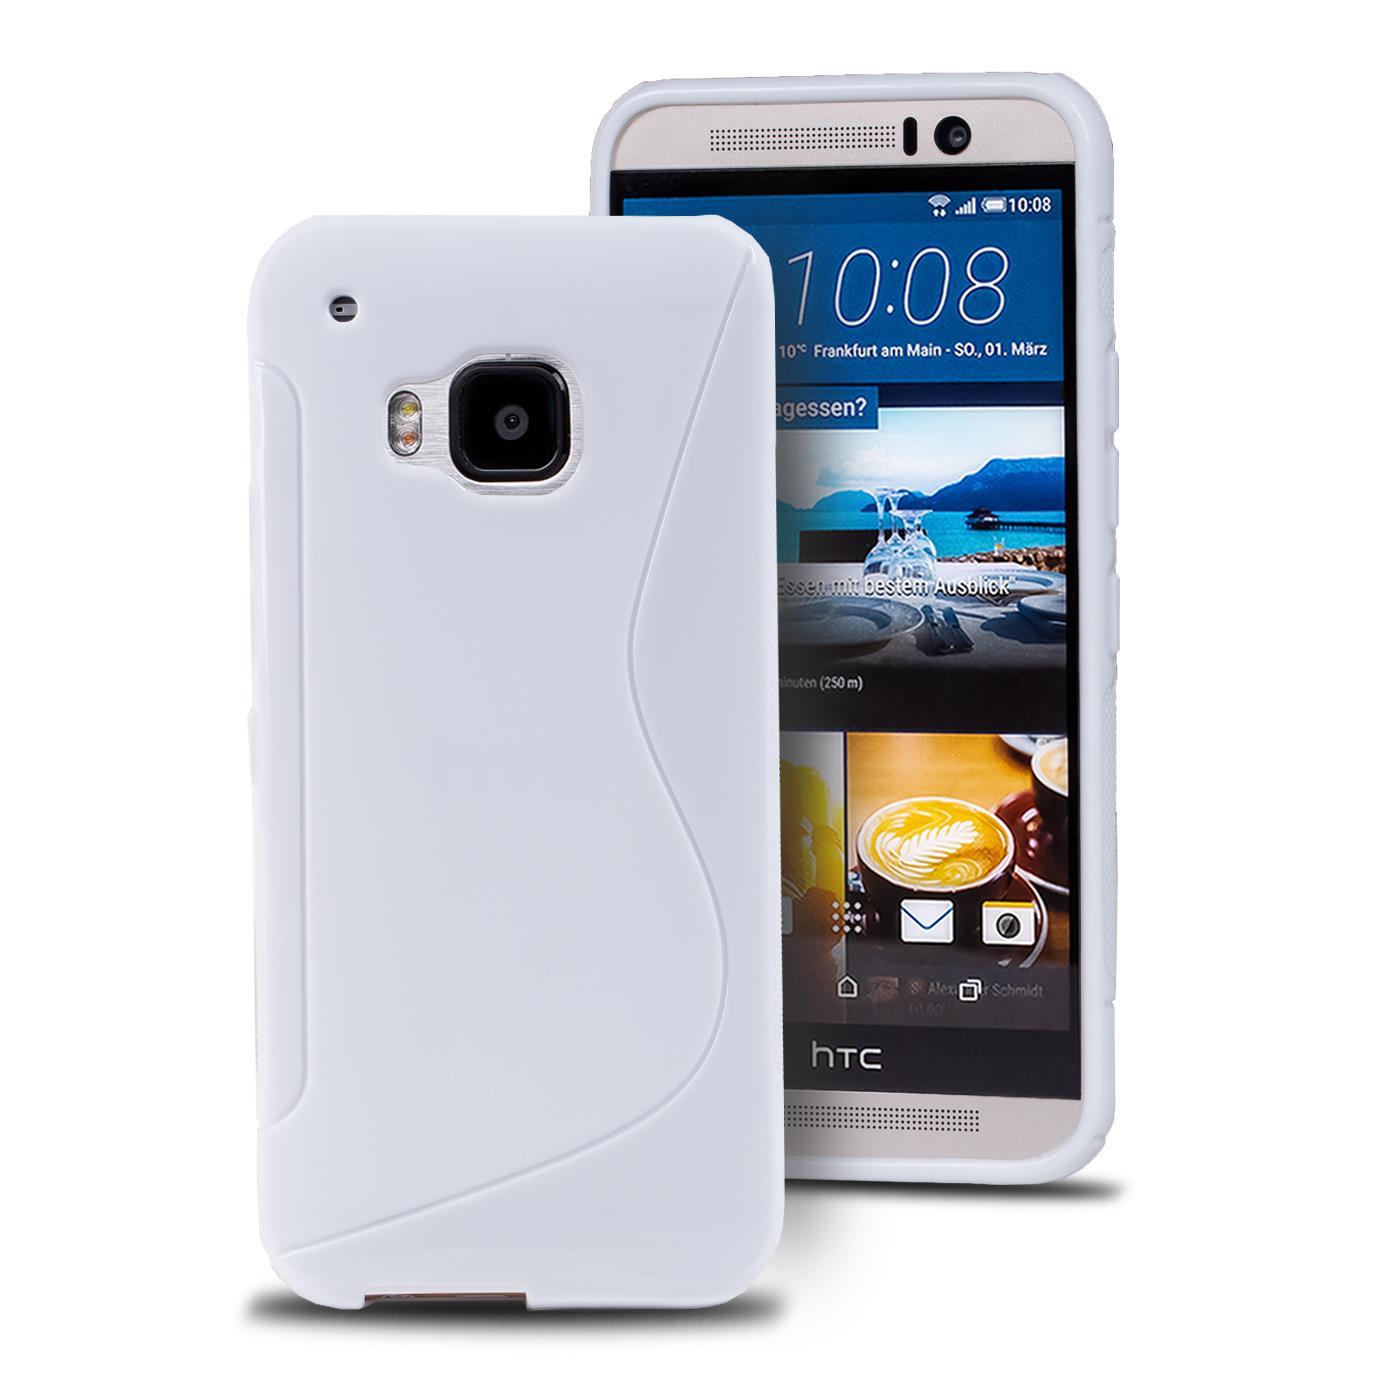 Handy-Huelle-fuer-HTC-MODELLE-Cover-Case-Schutz-Tasche-Slim-Silikon-TPU-Bumper